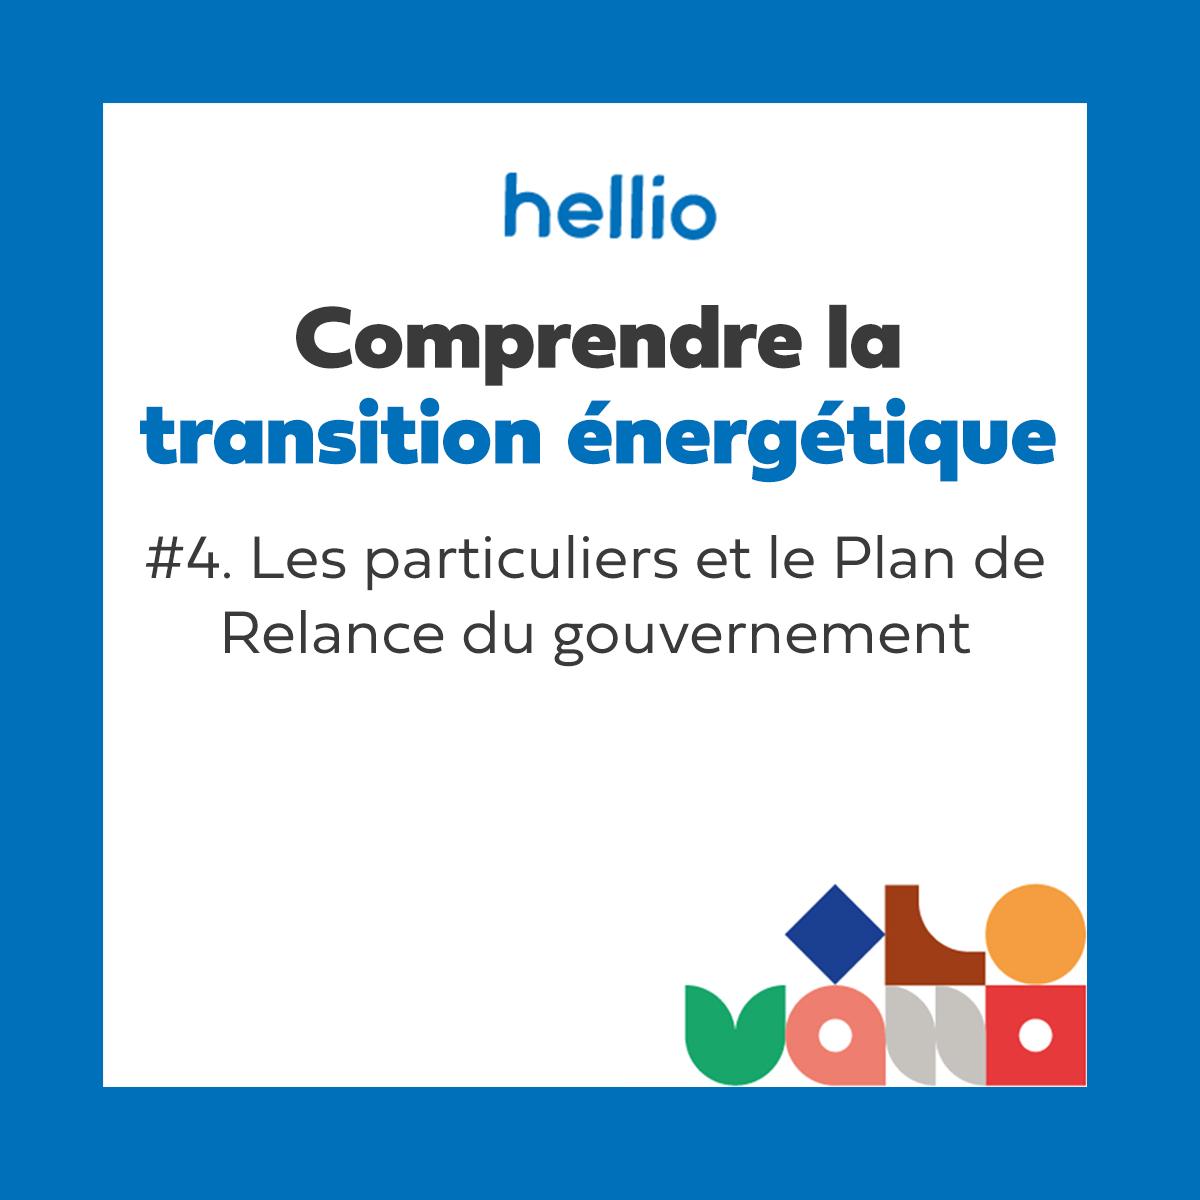 Podcast - Comprendre la transition énergétique : #4 Les particuliers et le Plan de Relance du gouvernement